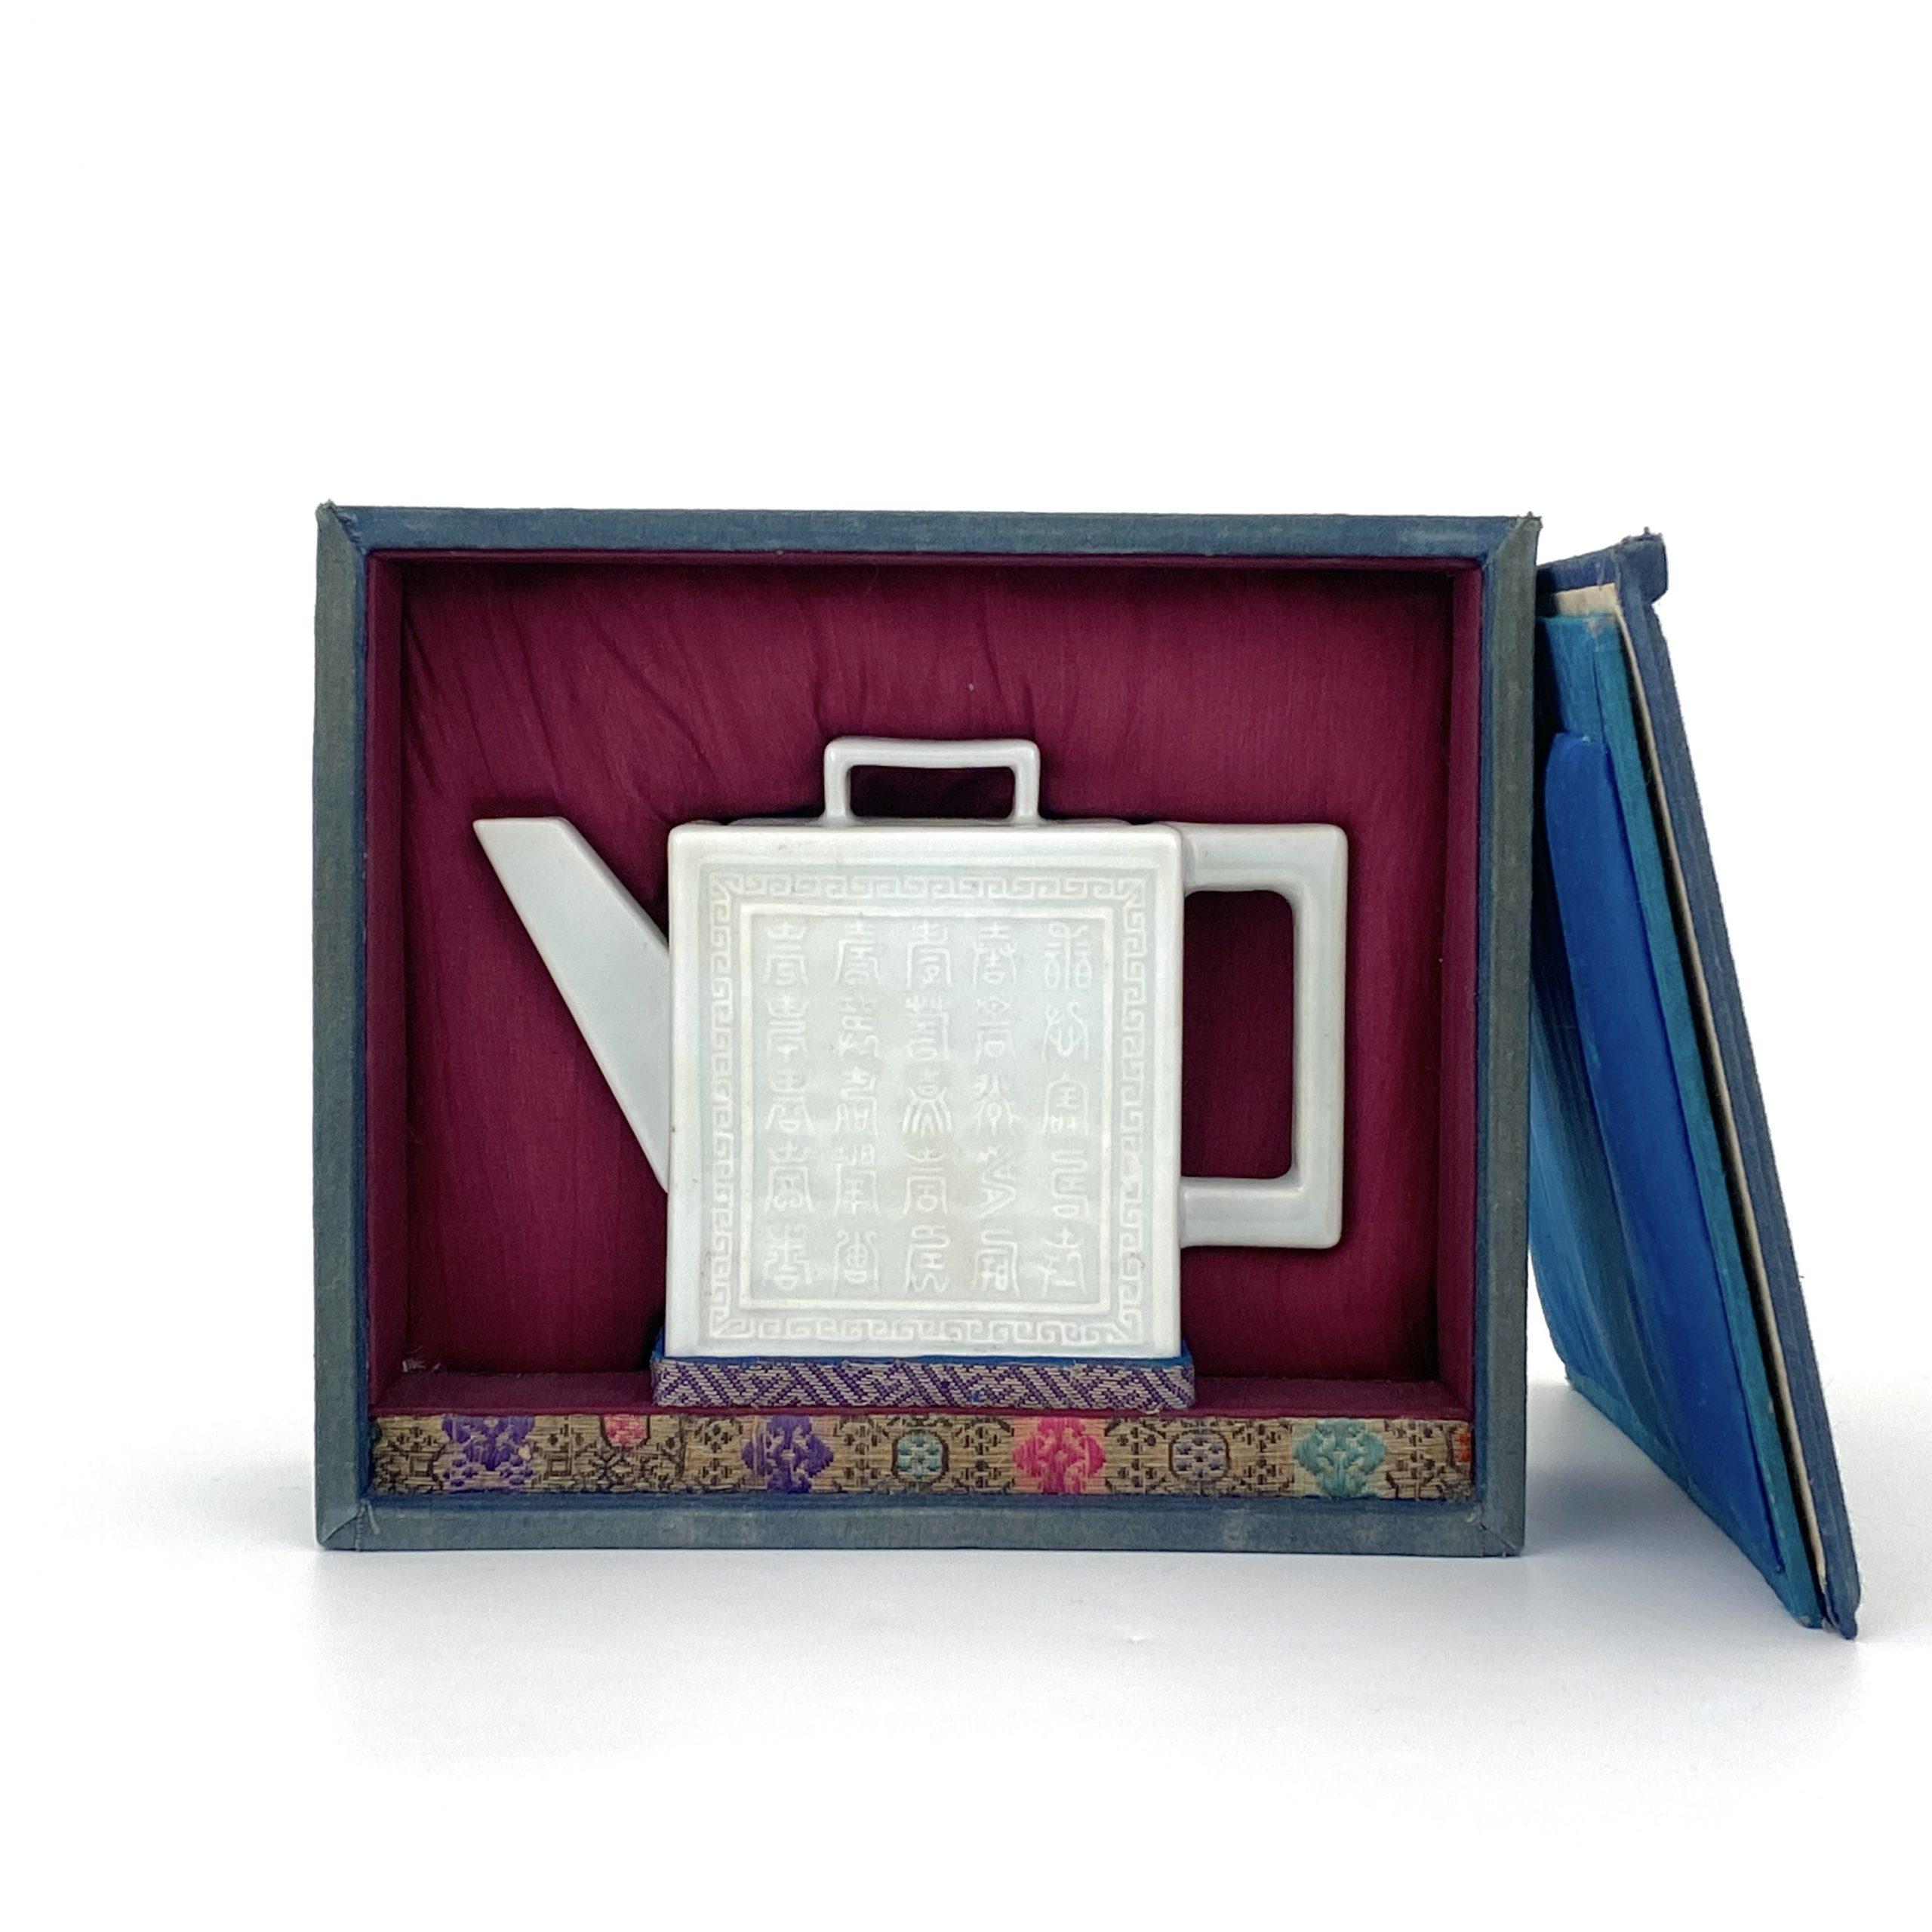 21005「乾隆年製」款 白磁浮雕 詩文紋 茶壺 来源:壺中居 第17回網頁掲載品